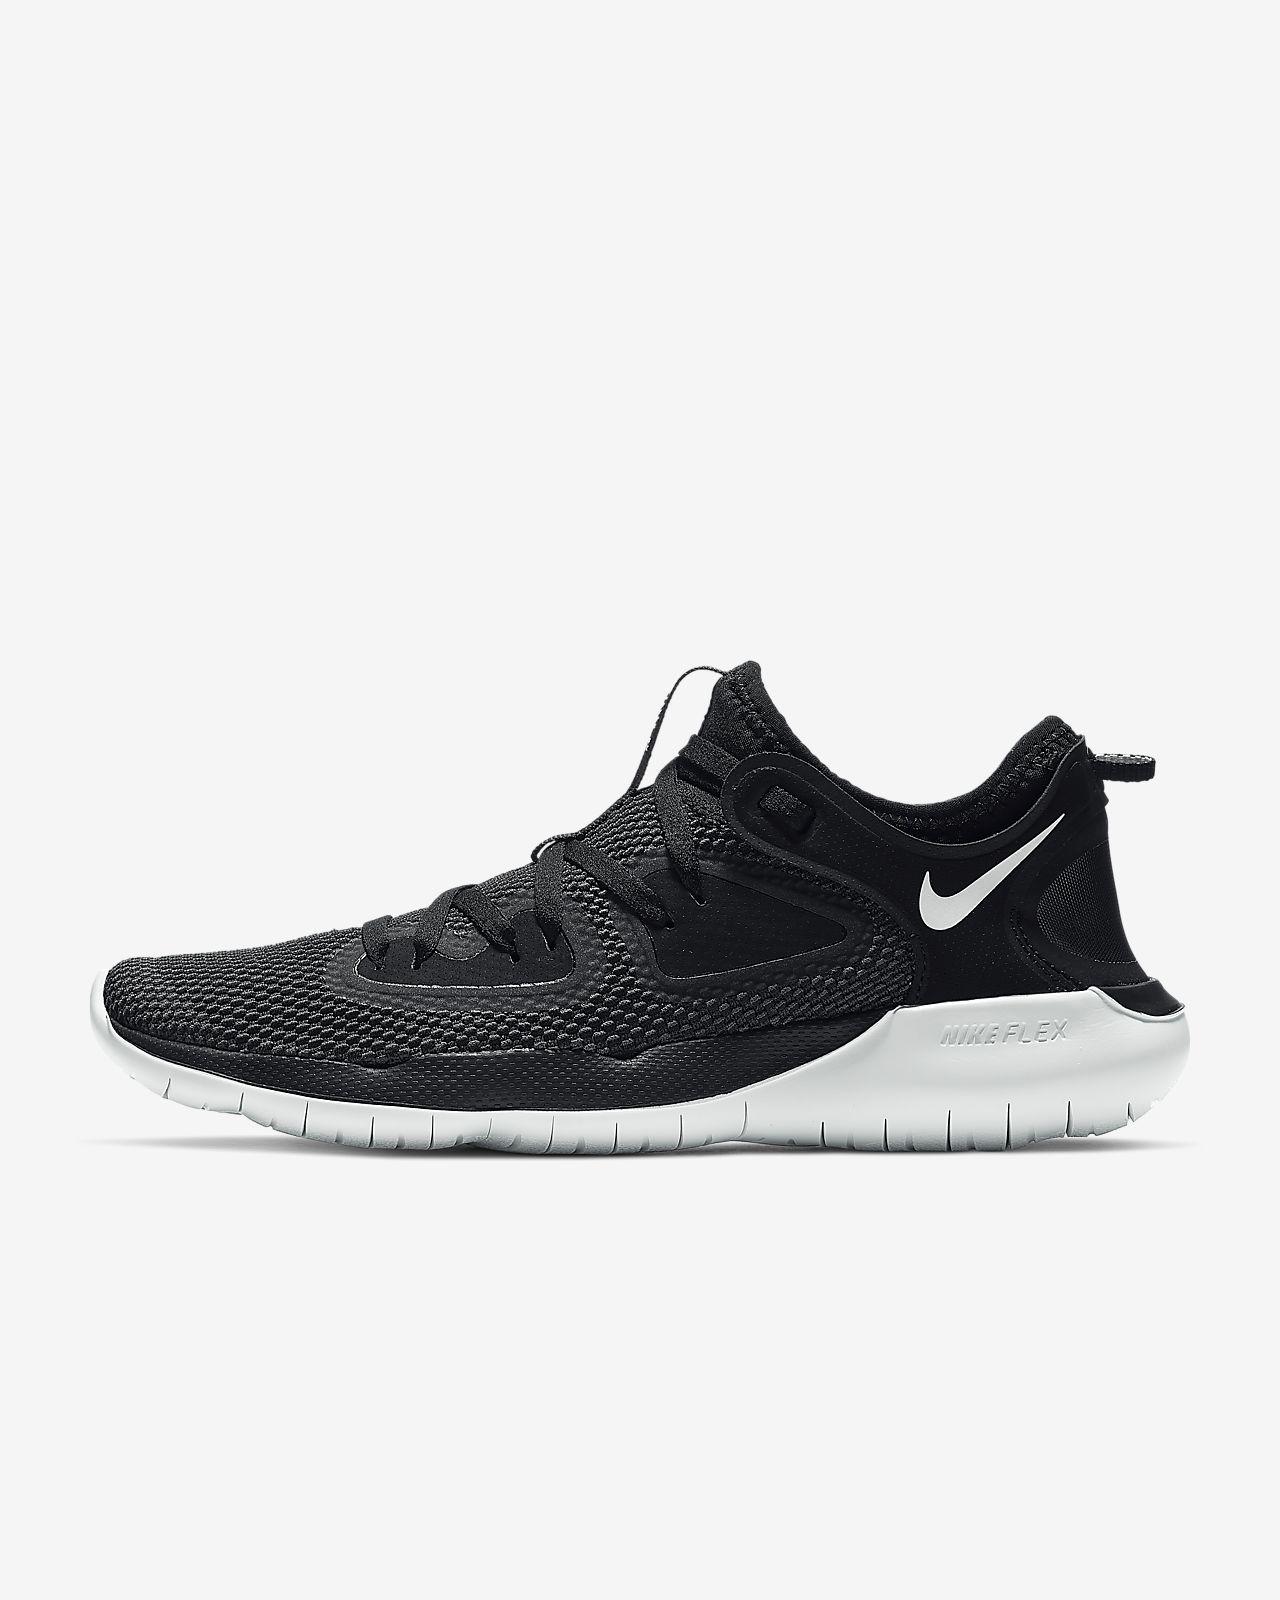 Chaussure de running Nike Flex RN 2019 pour Femme